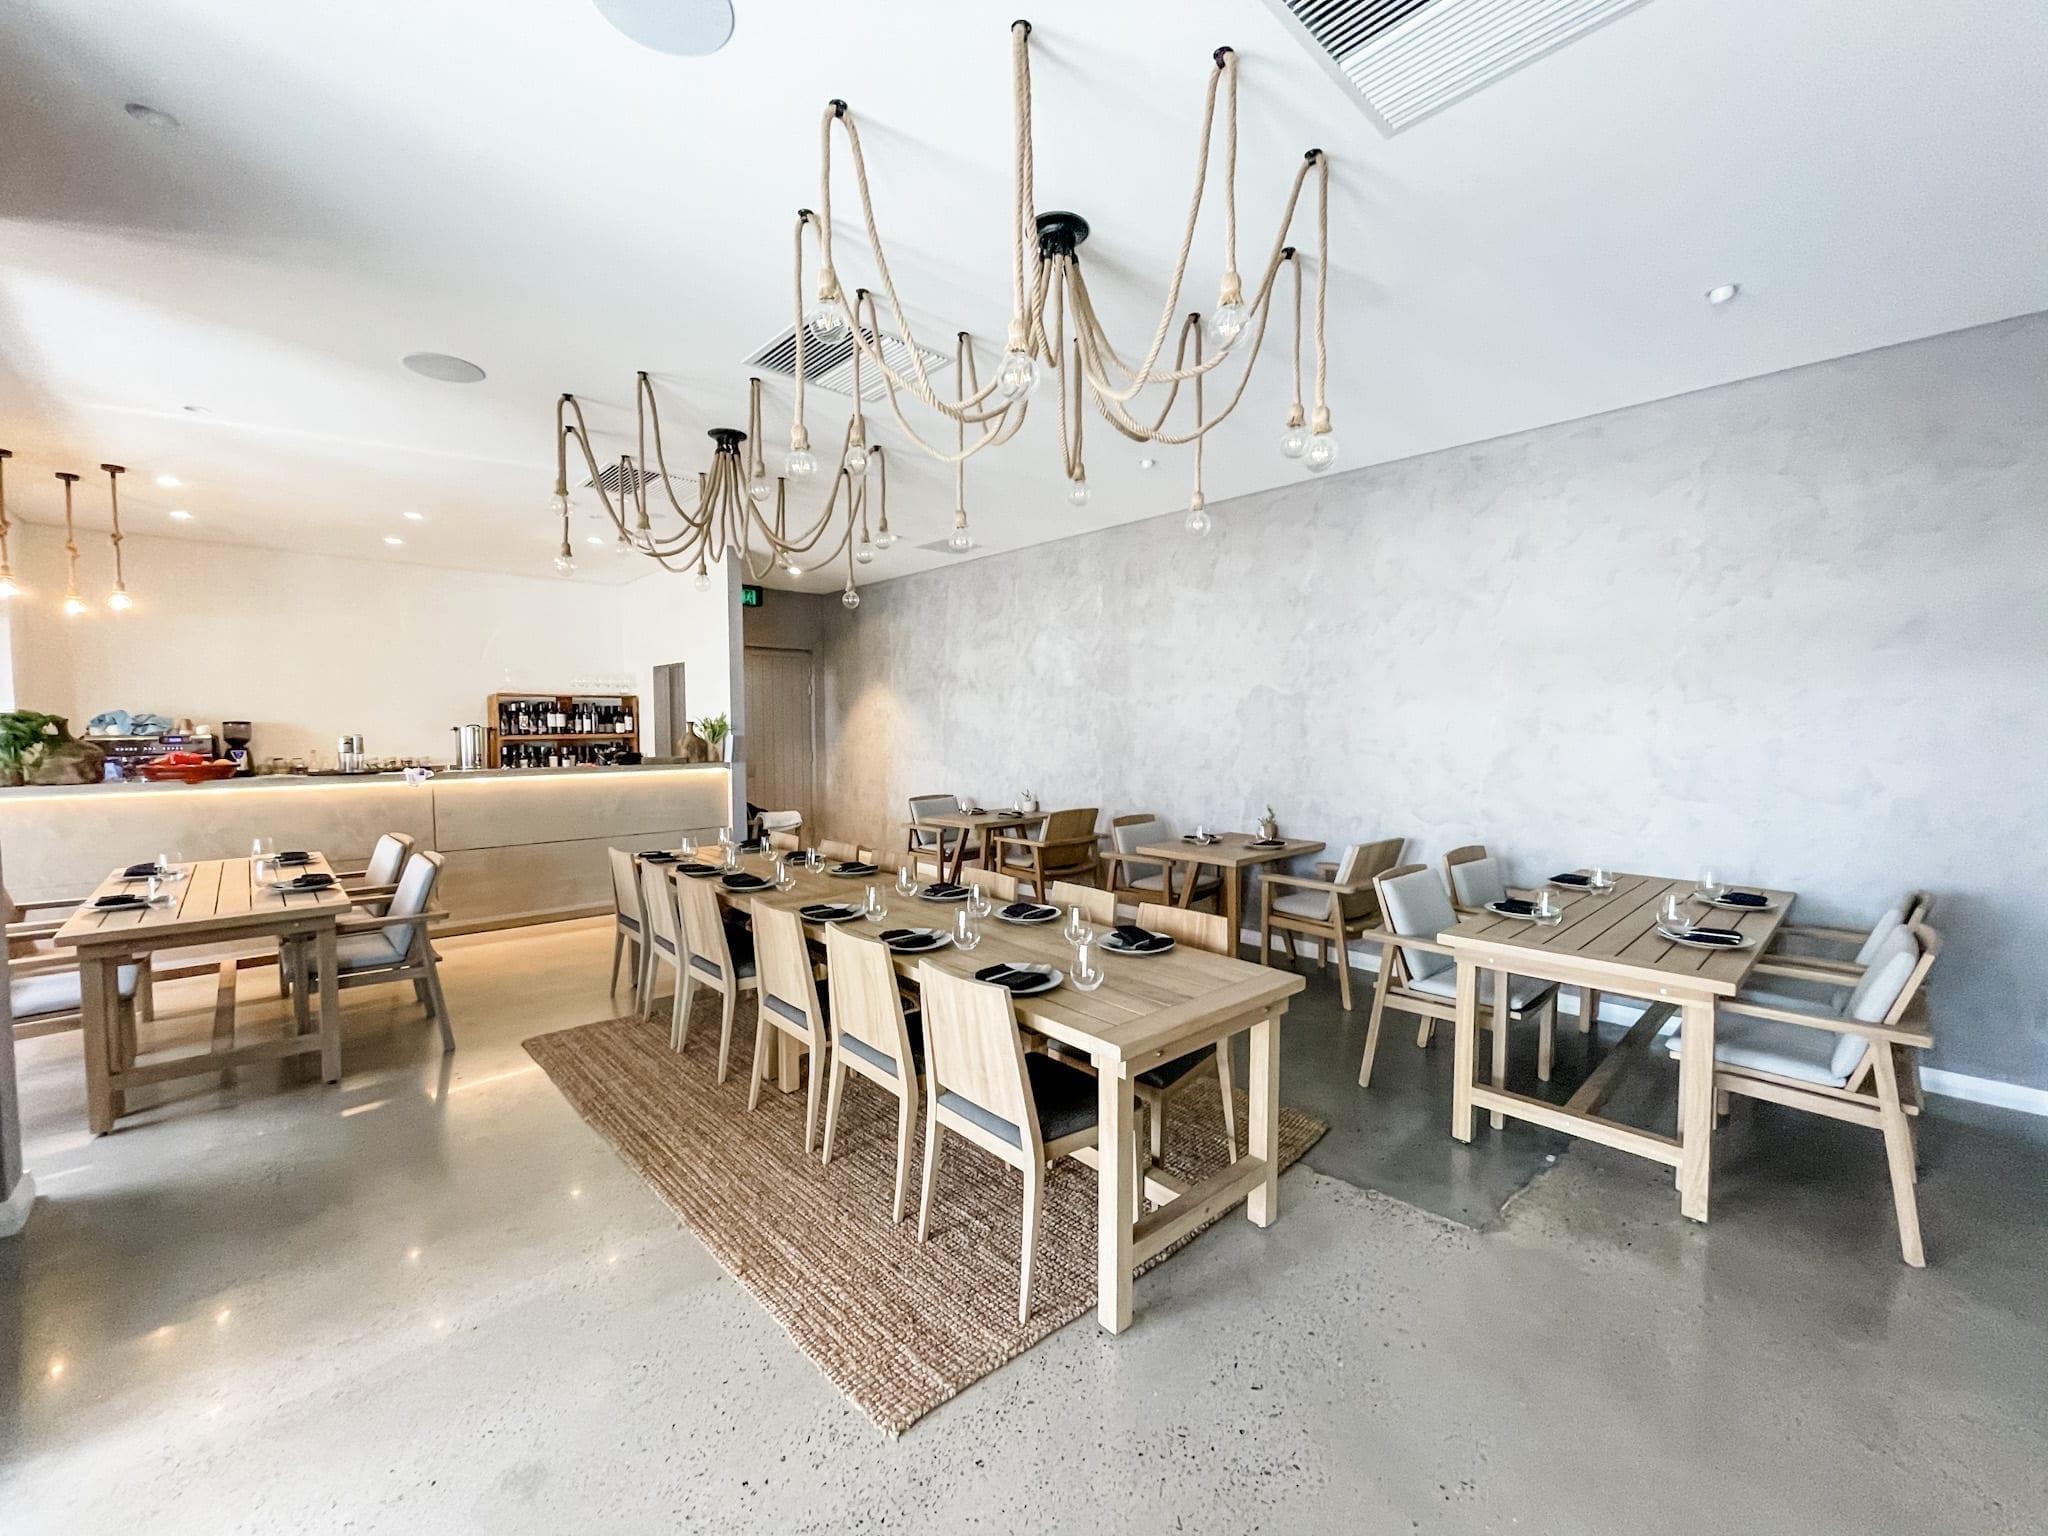 Lontara Rottnest indoor dining